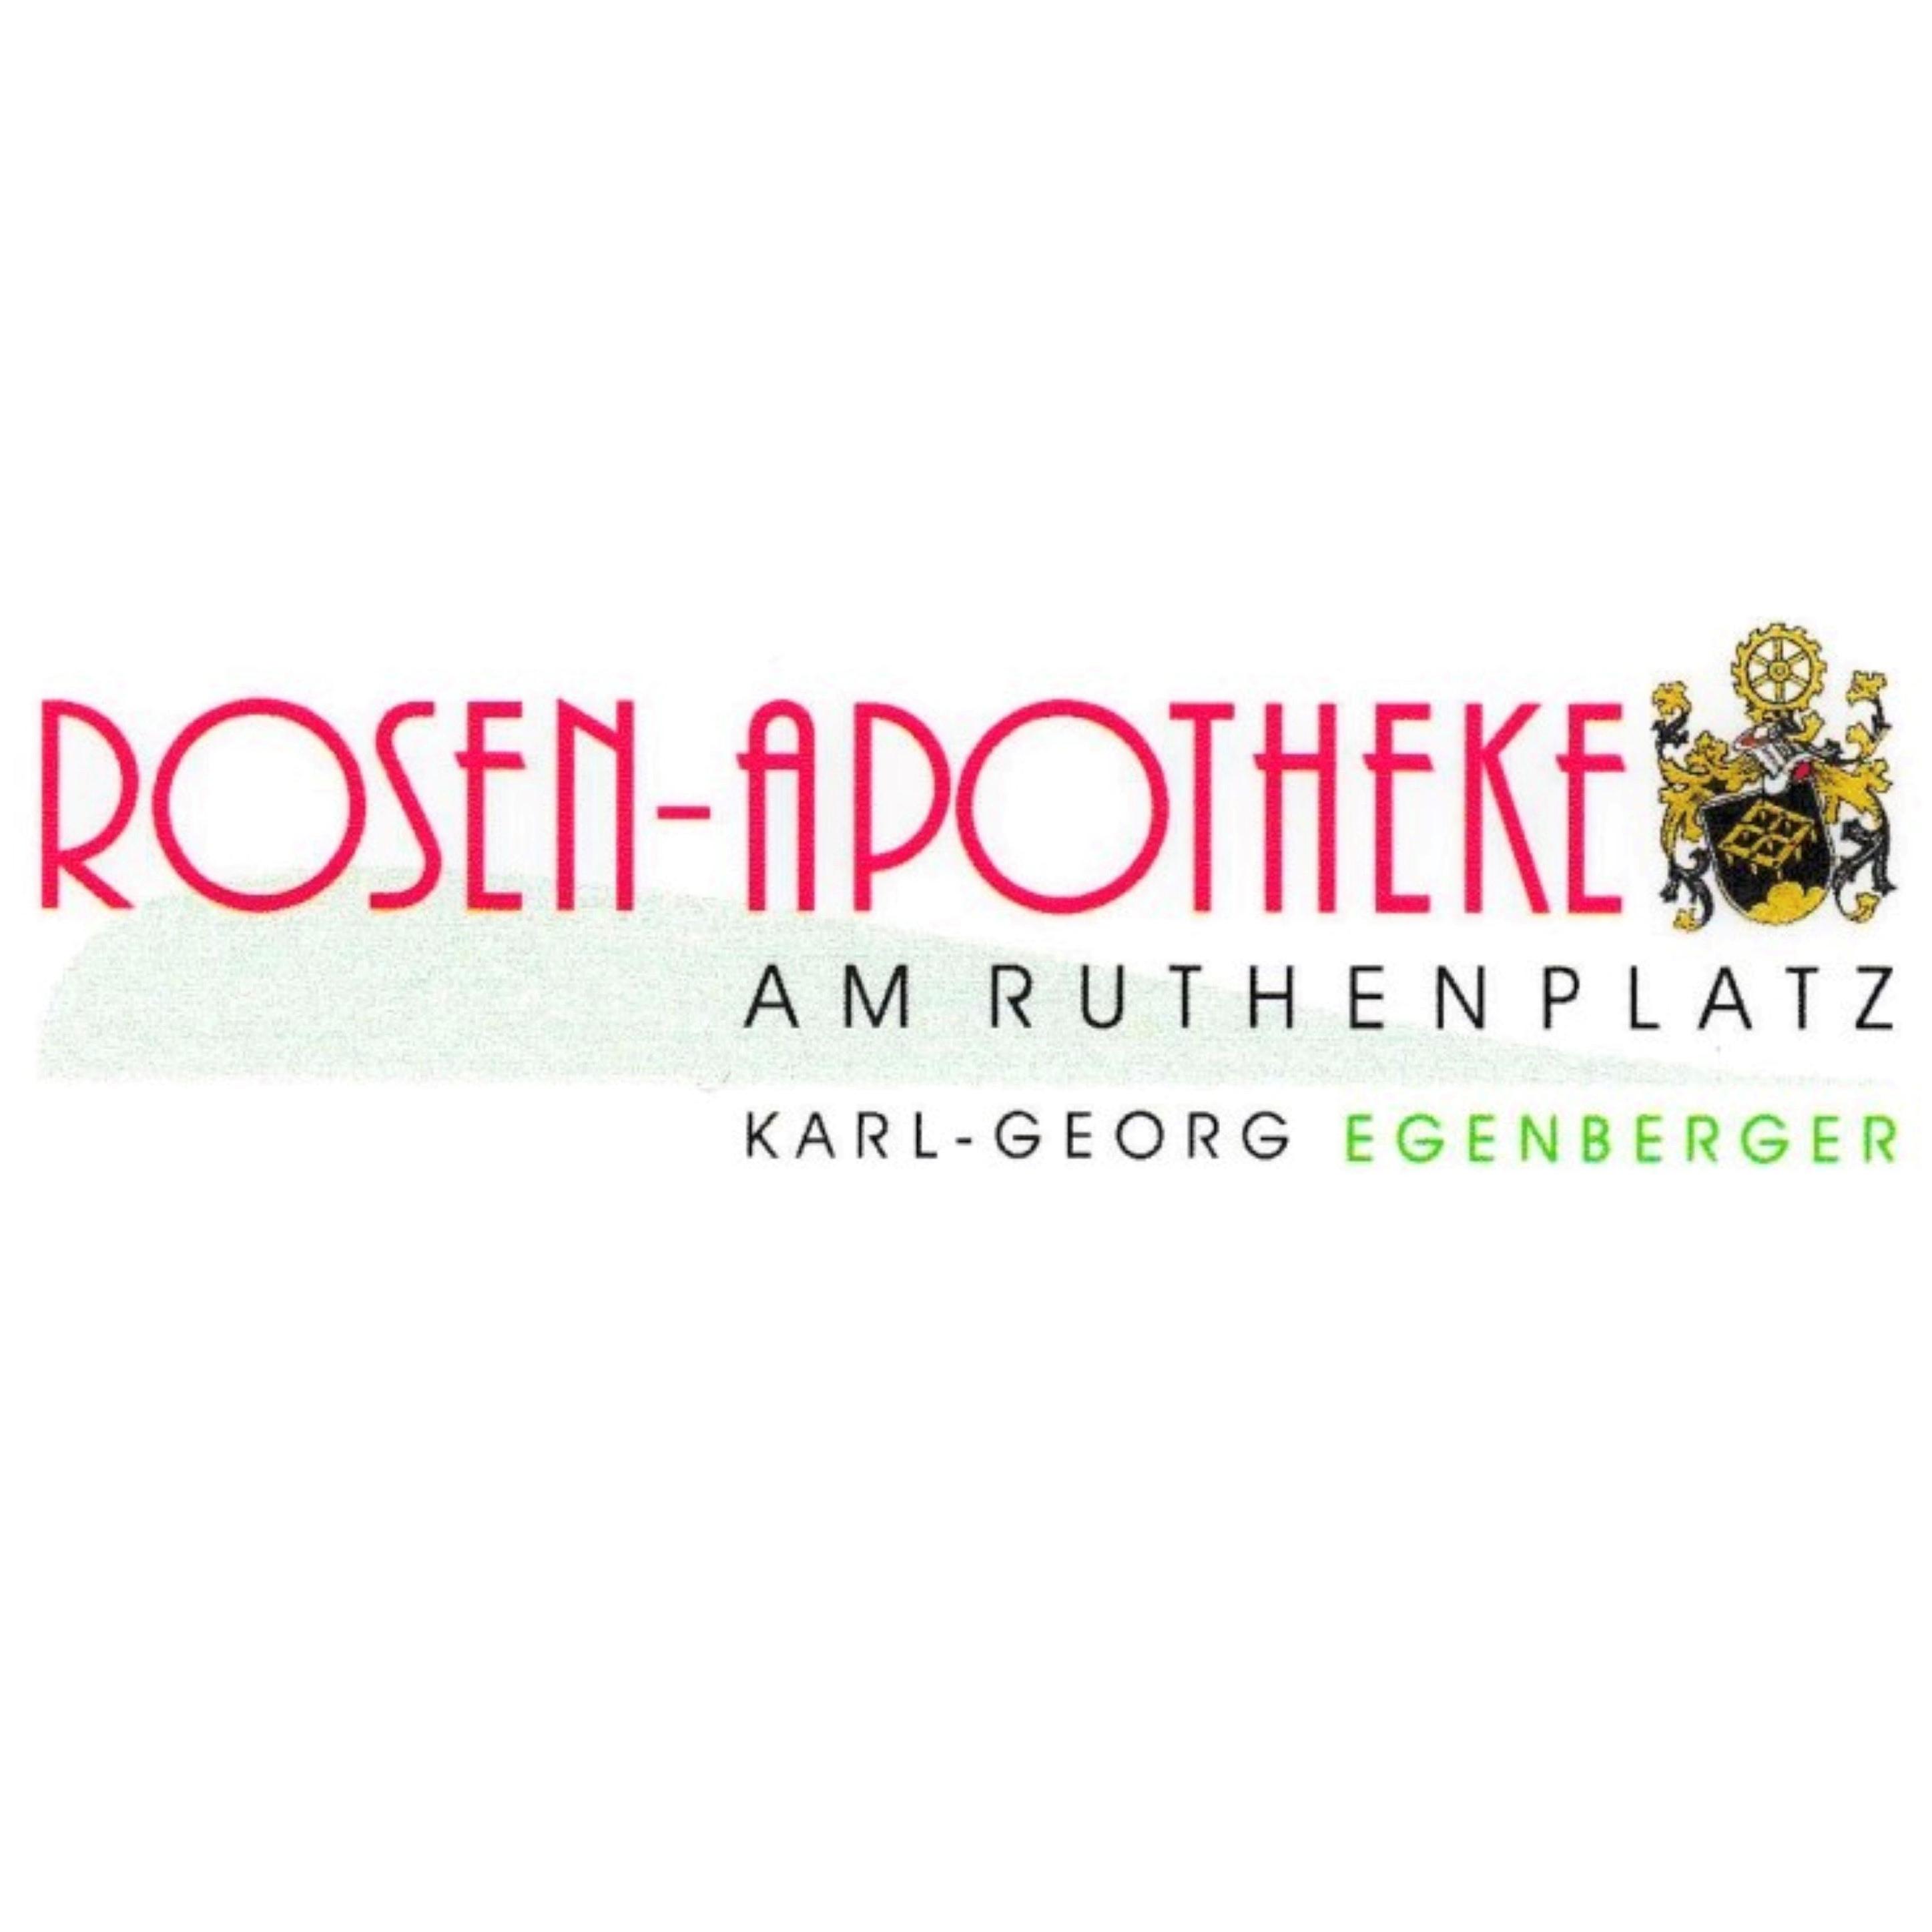 Bild zu Rosen-Apotheke am Ruthenplatz in Ludwigshafen am Rhein